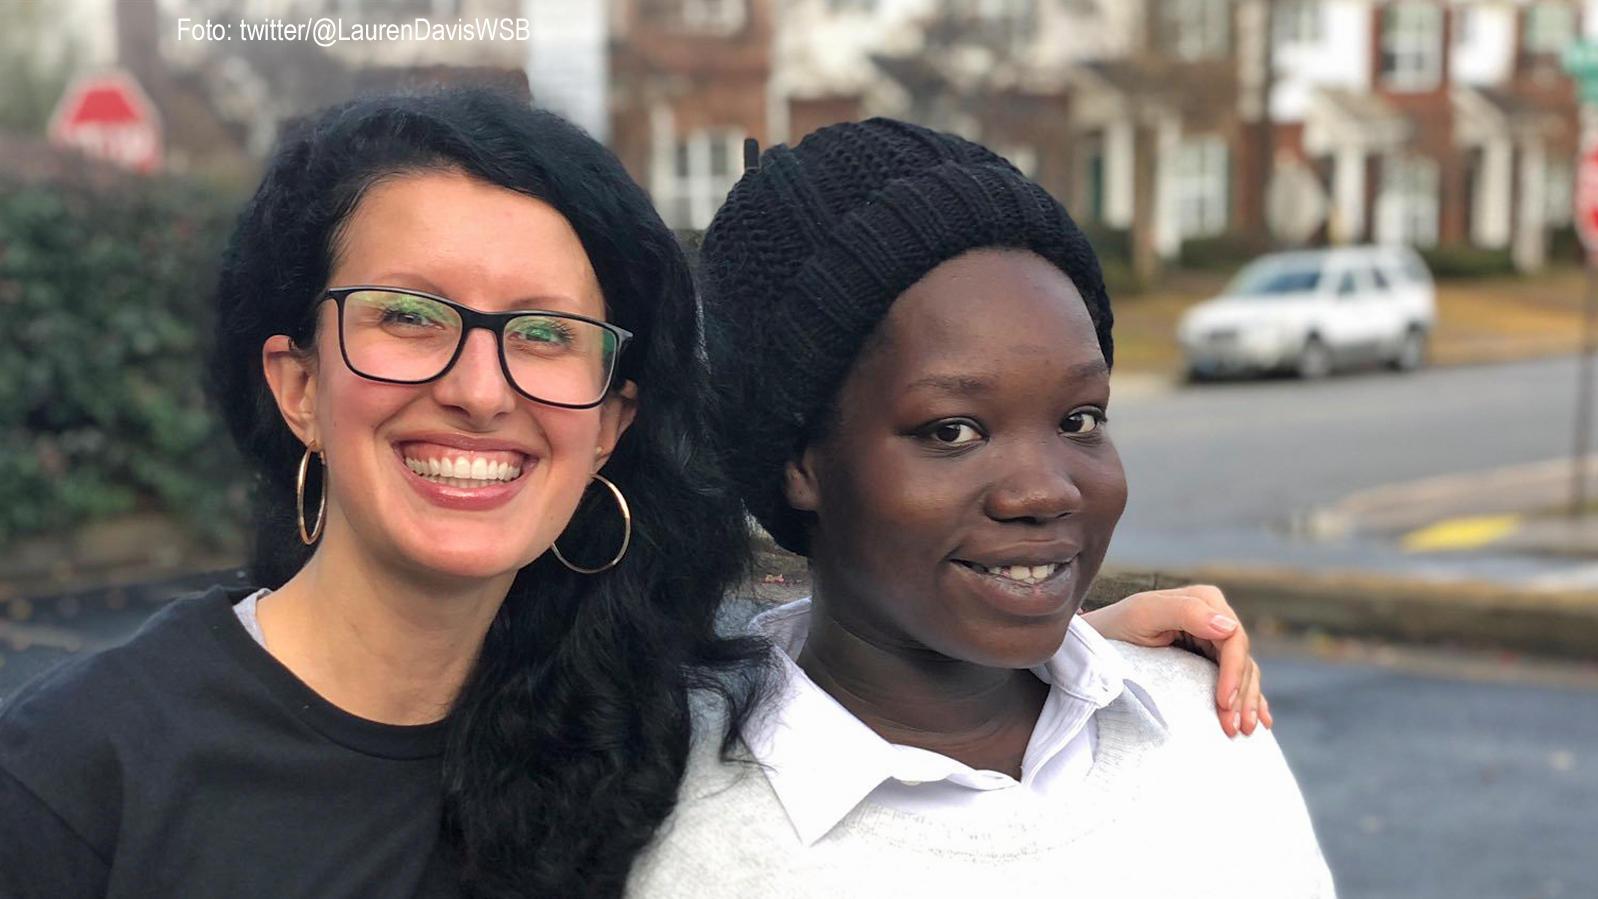 Fremde Frau hilft schwangerer Obdachloser (19) aus Atlanta